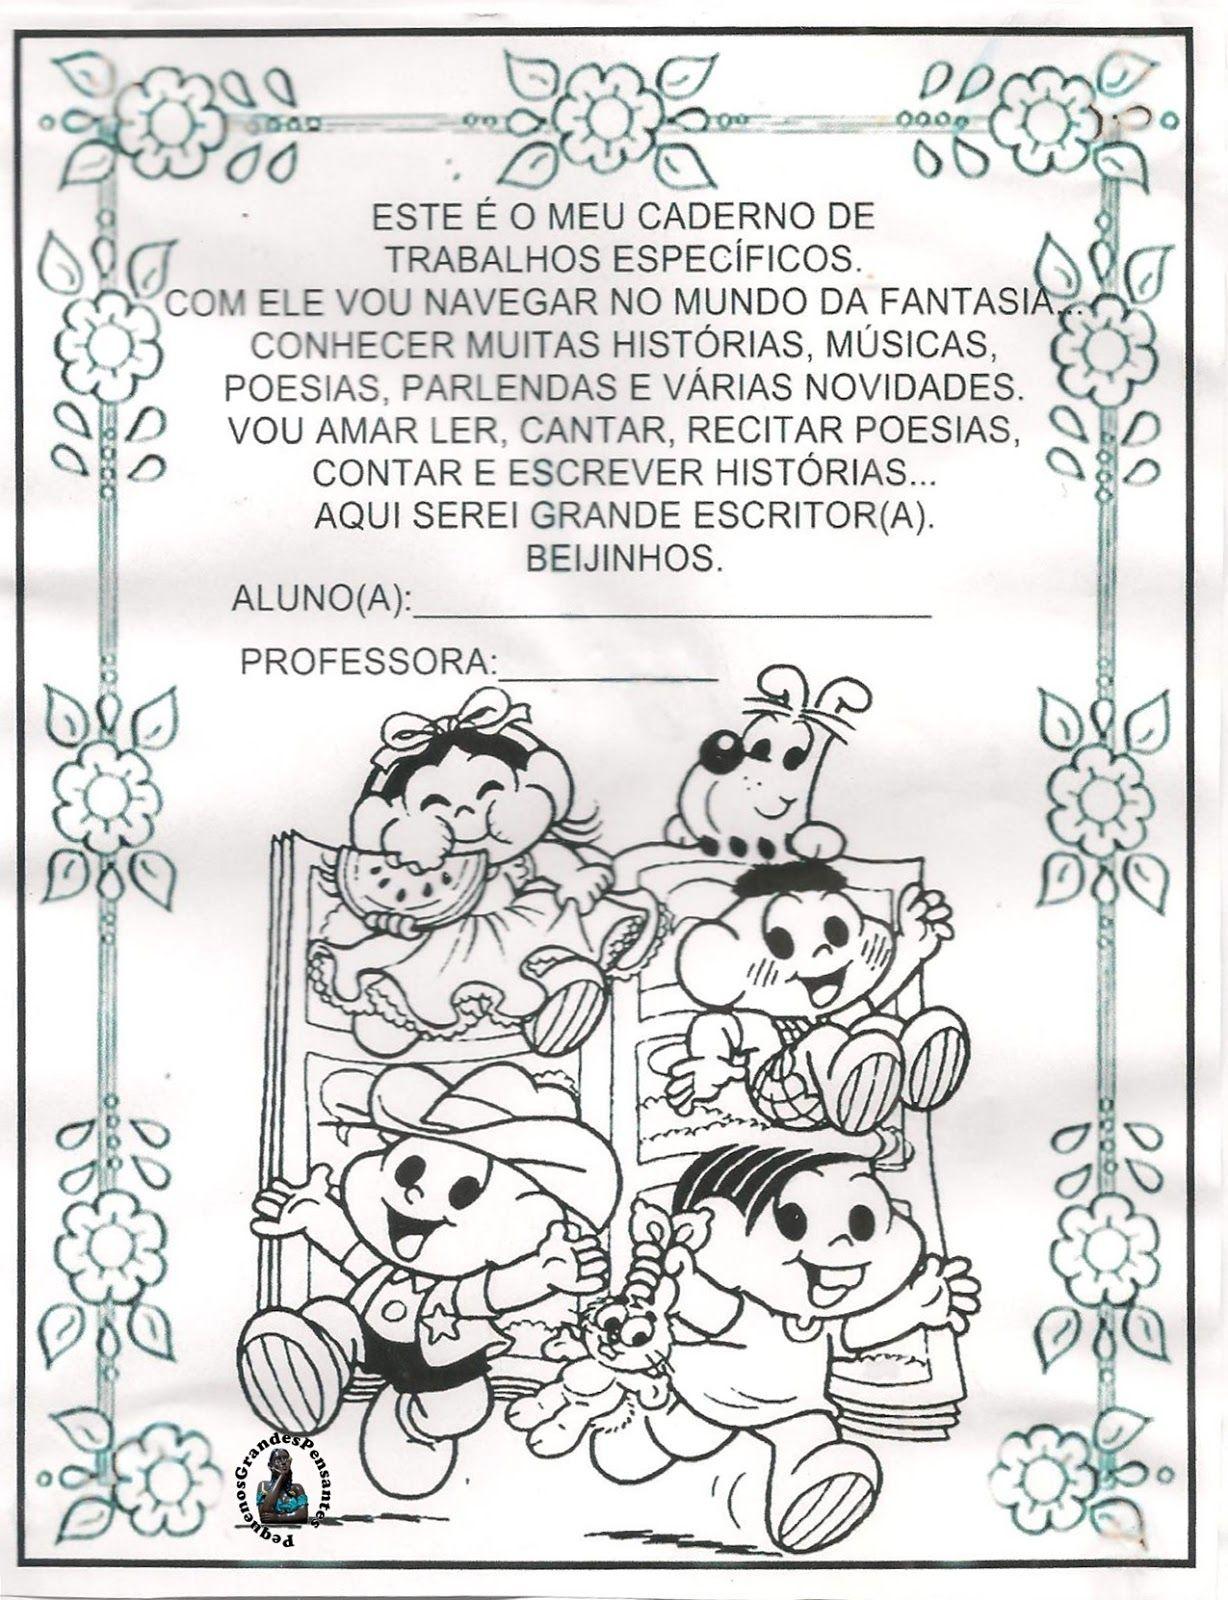 Capa Inicial Para Cadernos Da Educacao Infantil Com Imagens